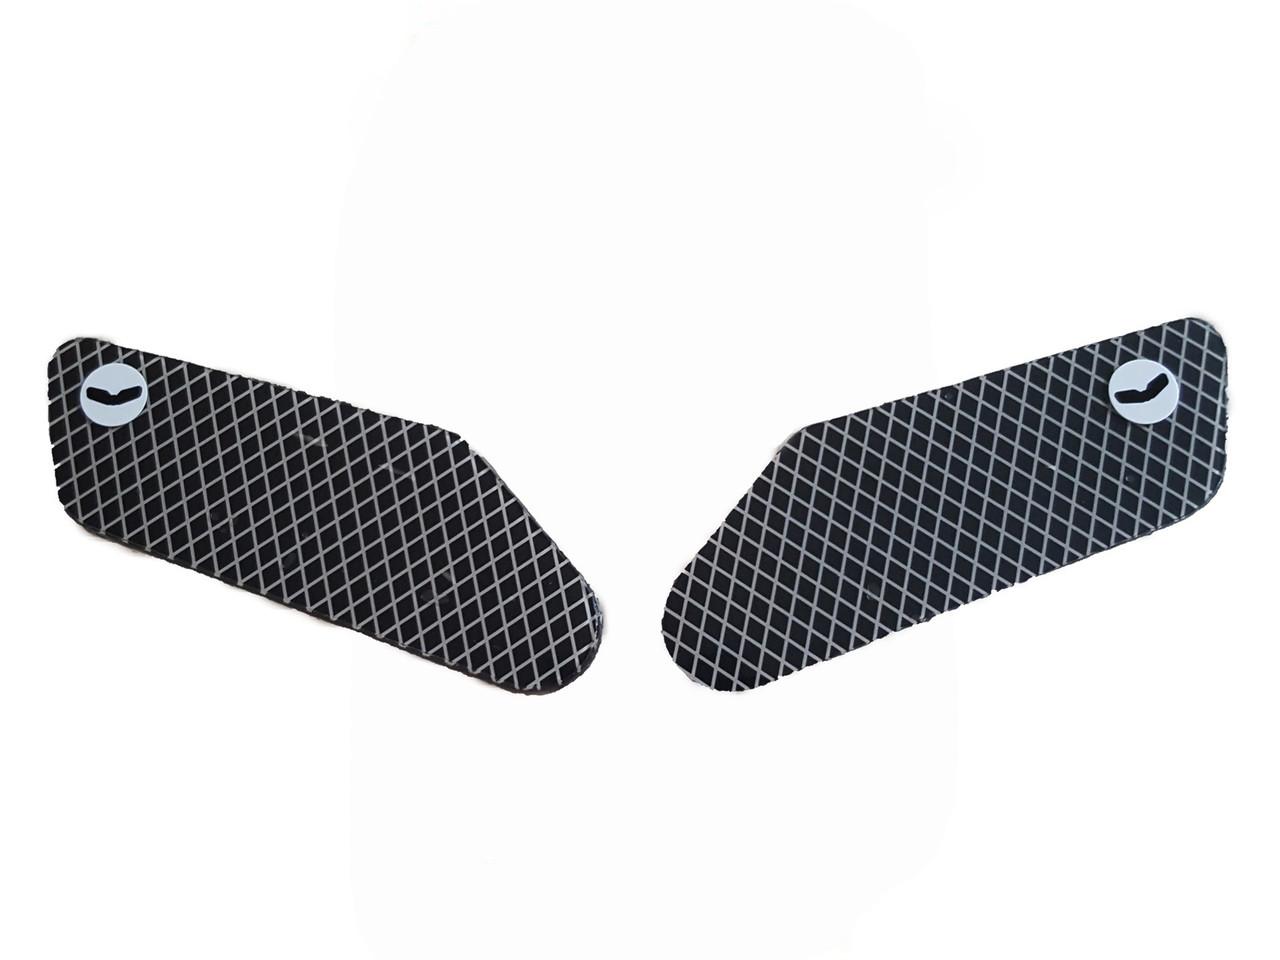 Гелиевые подушки для Gymbit Bodyshaper